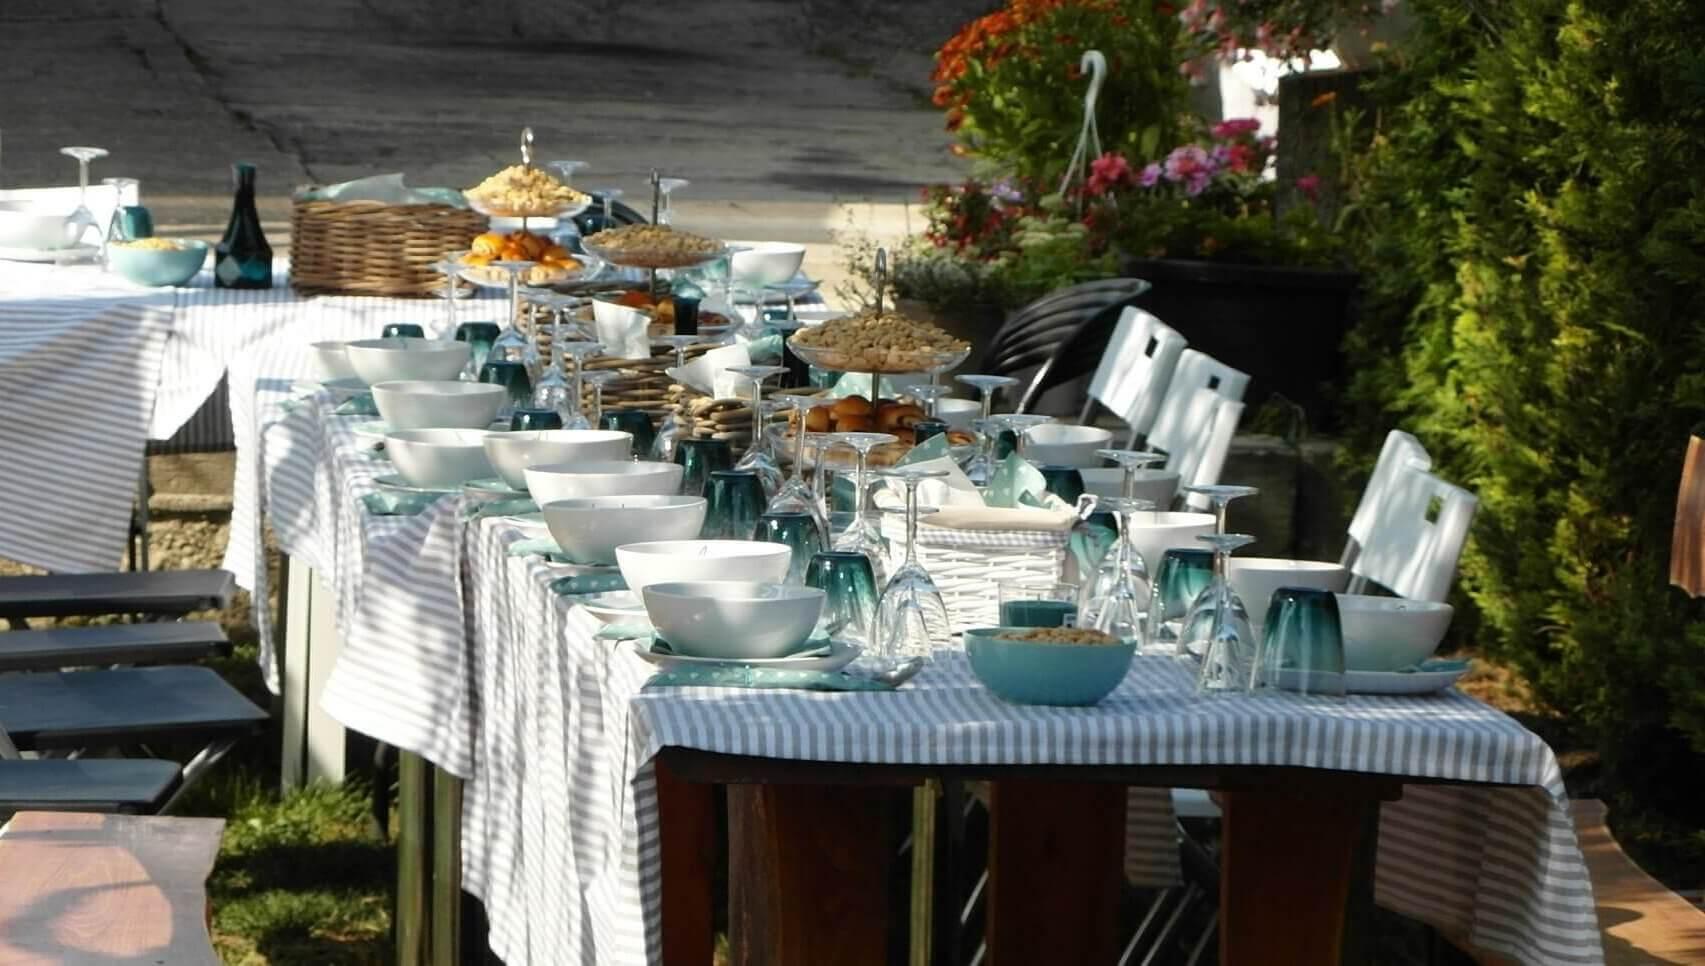 Letölthető tudásanyag: Mit ehet és ihat egy inzulinrezisztens a kerti partyn?